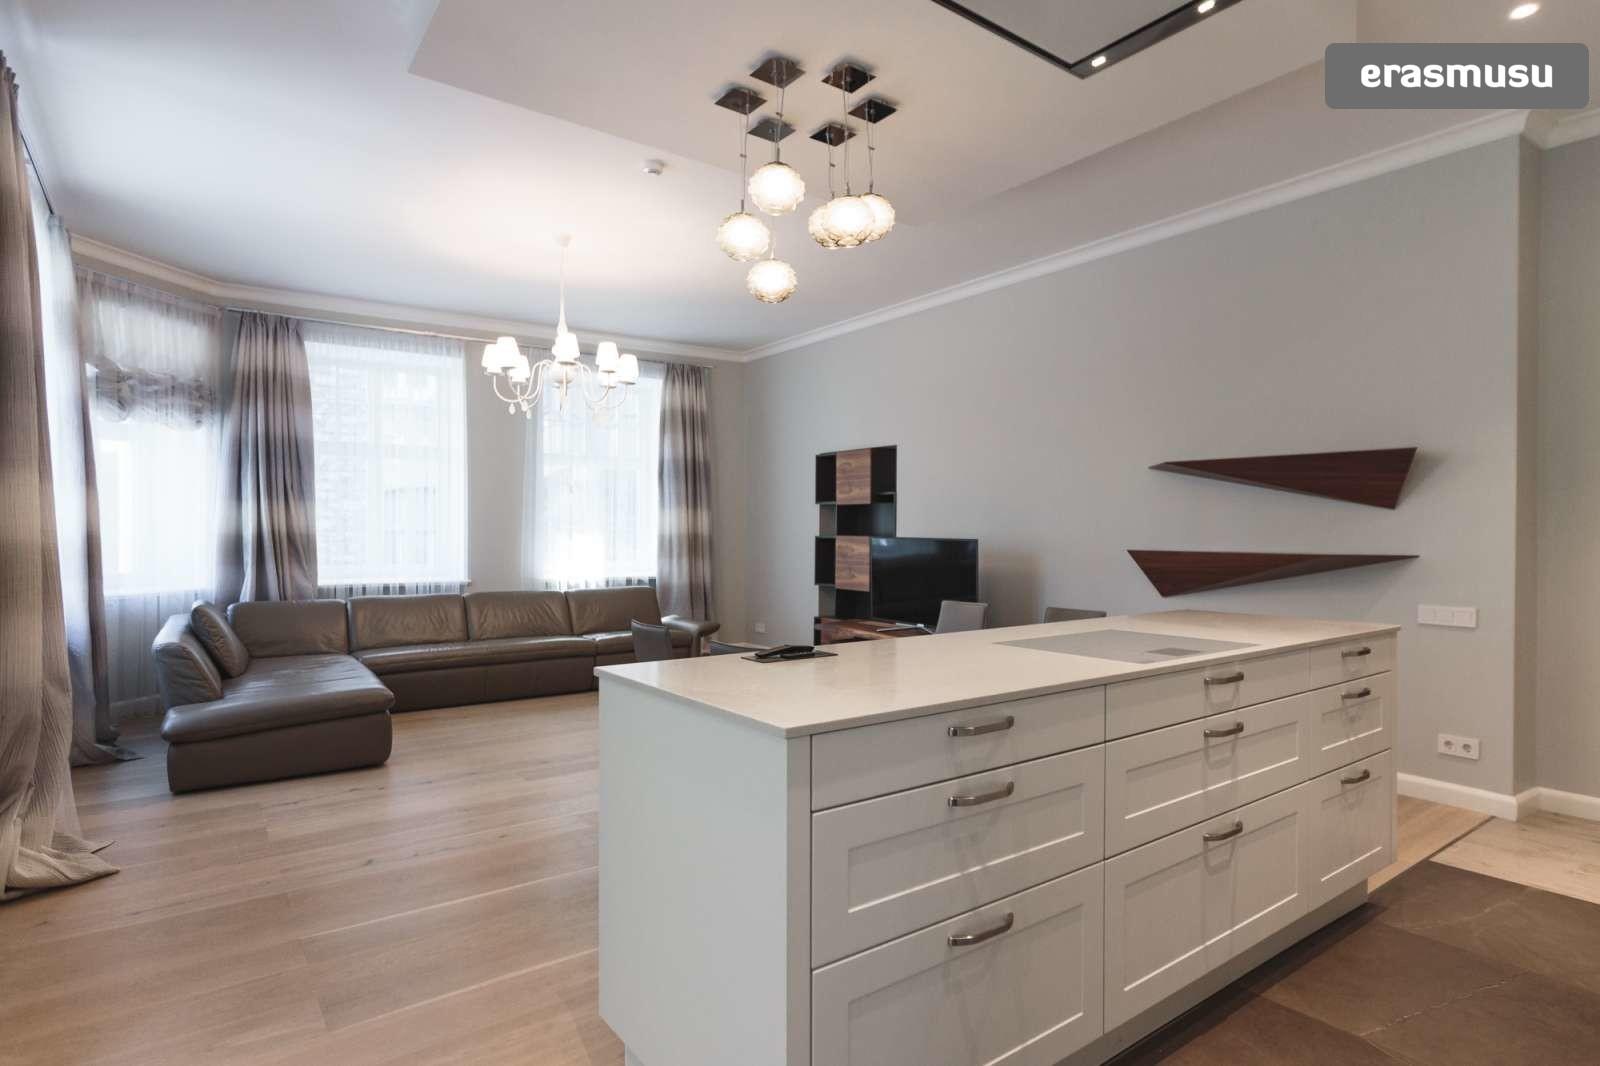 elegant-1-bedroom-apartment-rent-centrs-73563ef45a3fdc0a987713d1